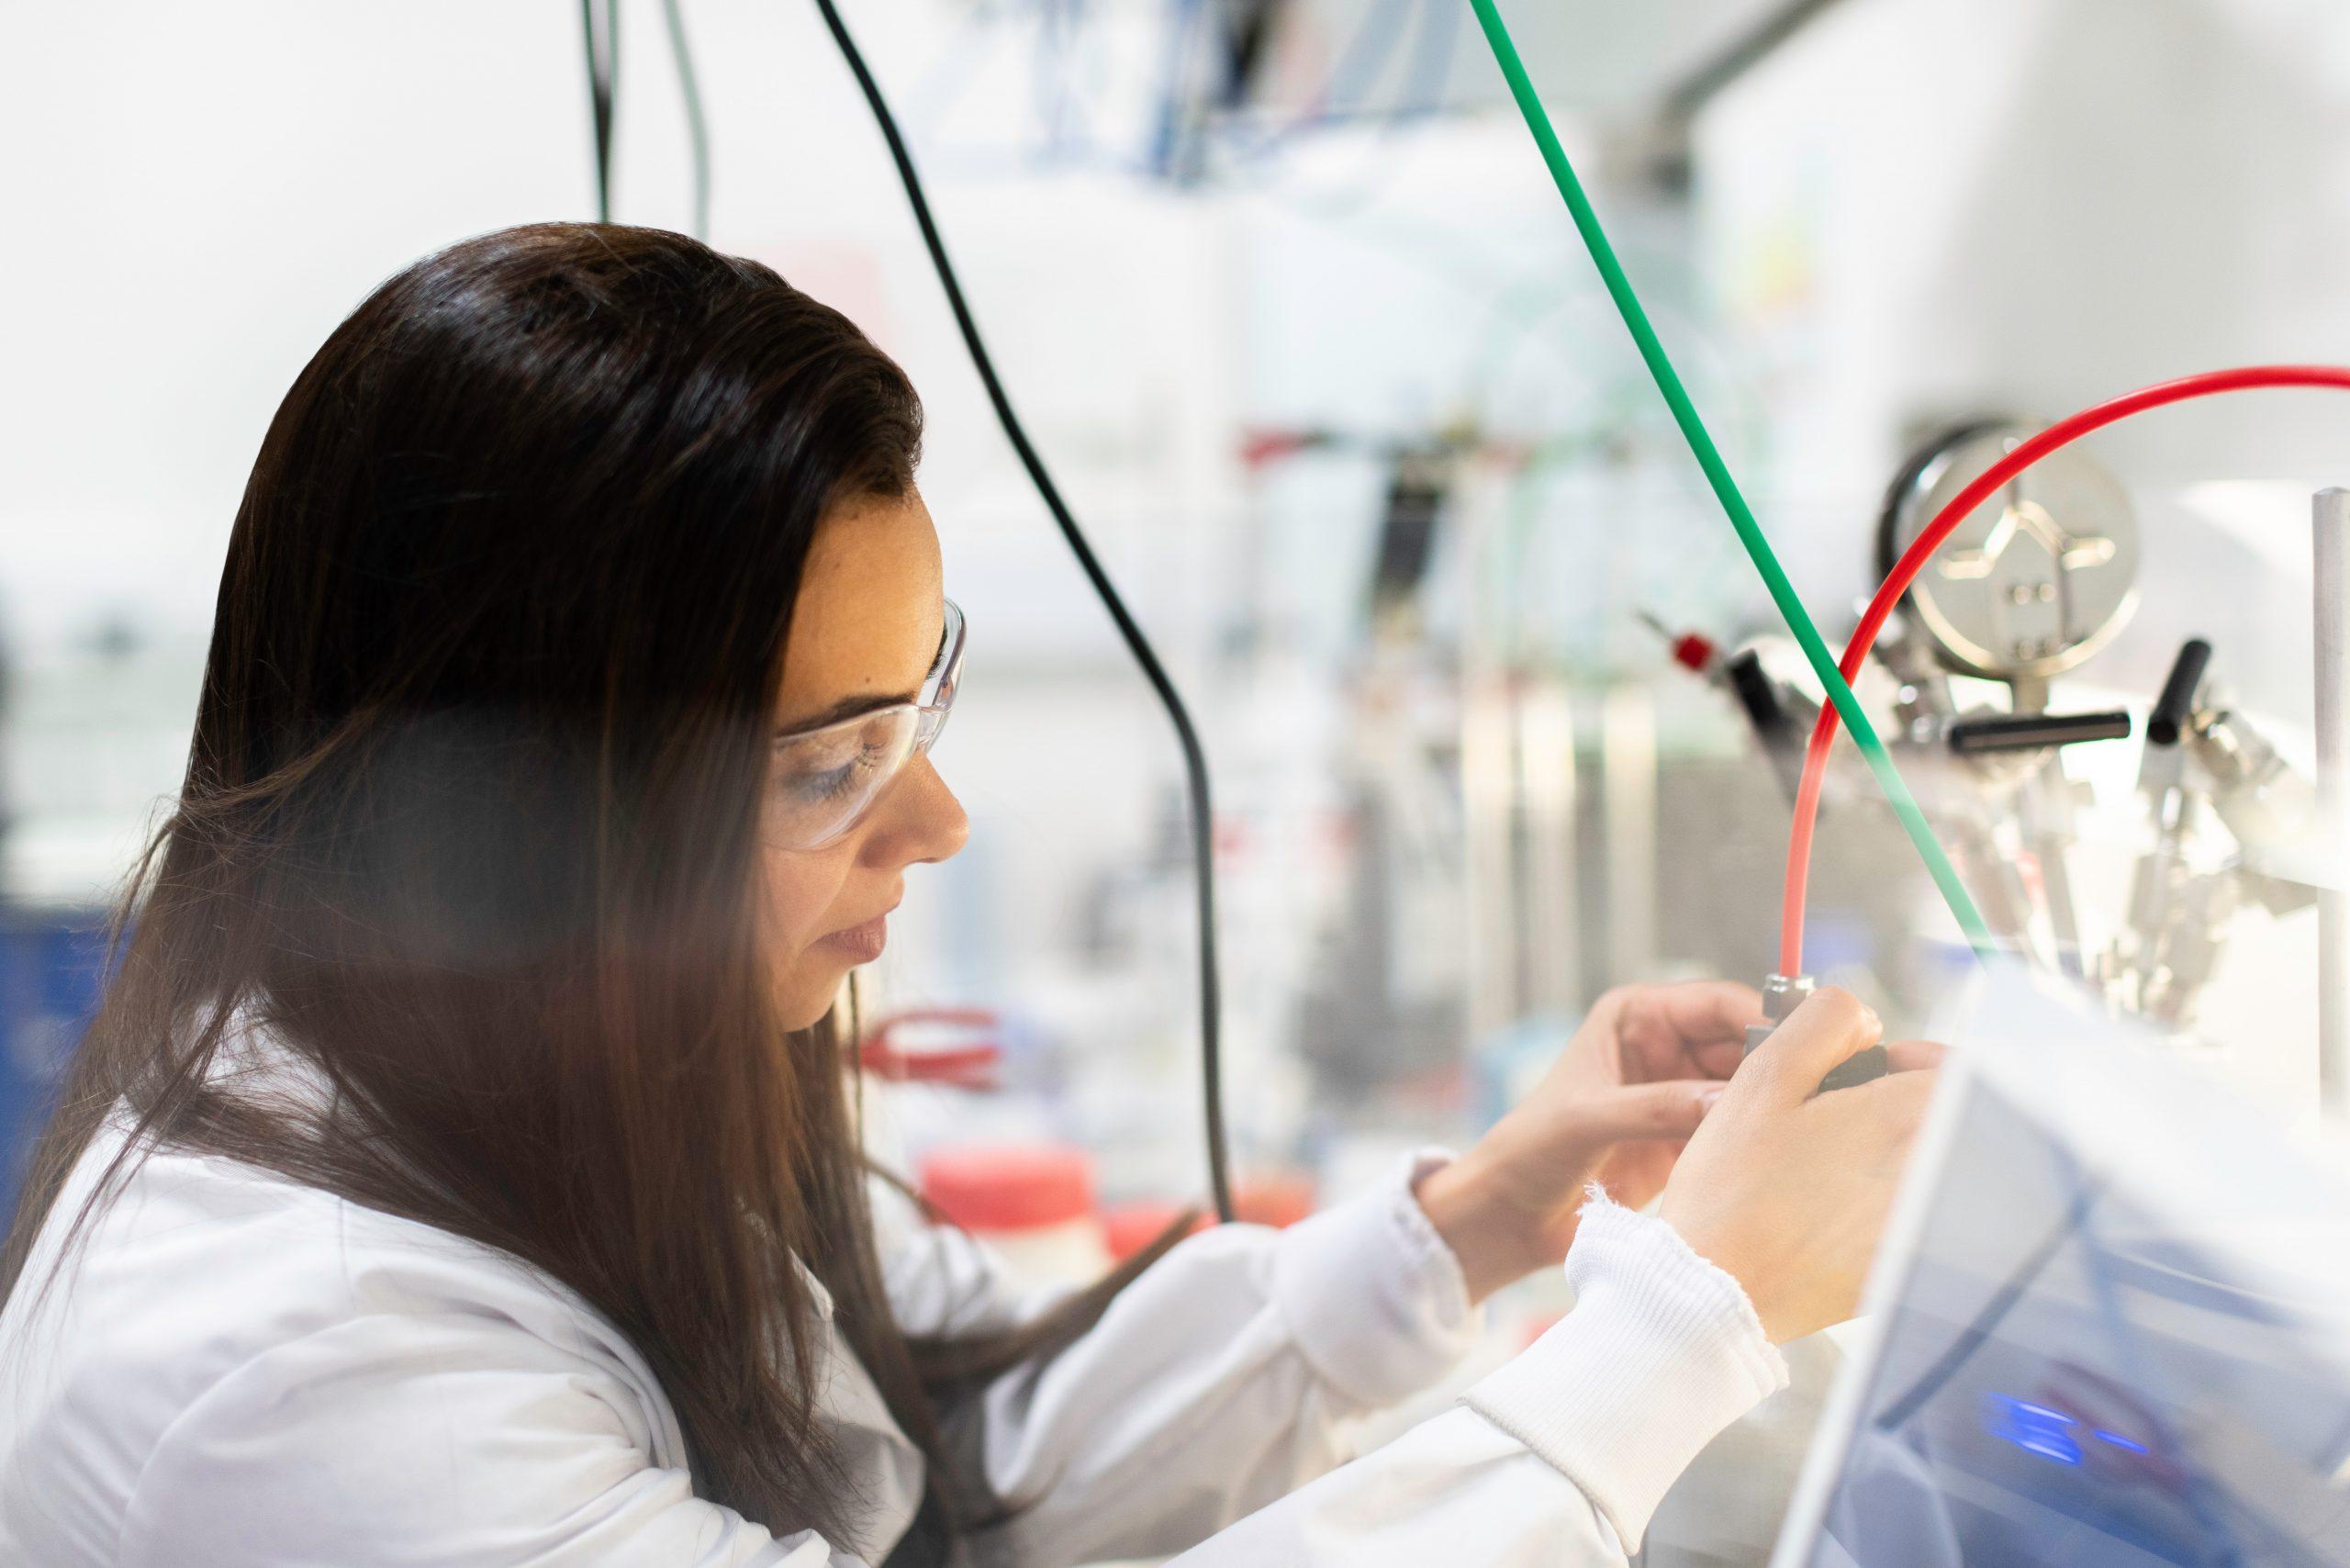 Трябва ли да има повече жени и момичета в науката и технологиите?